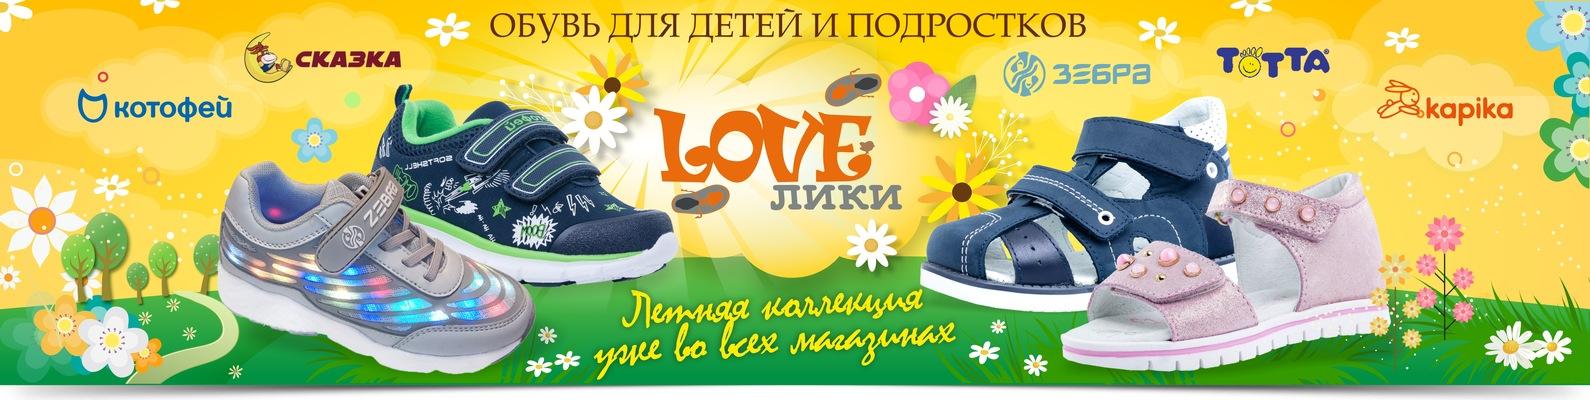 c4897afba ДЕТСКАЯ ОБУВЬ в магазинах Lσv℮лики   ВКонтакте